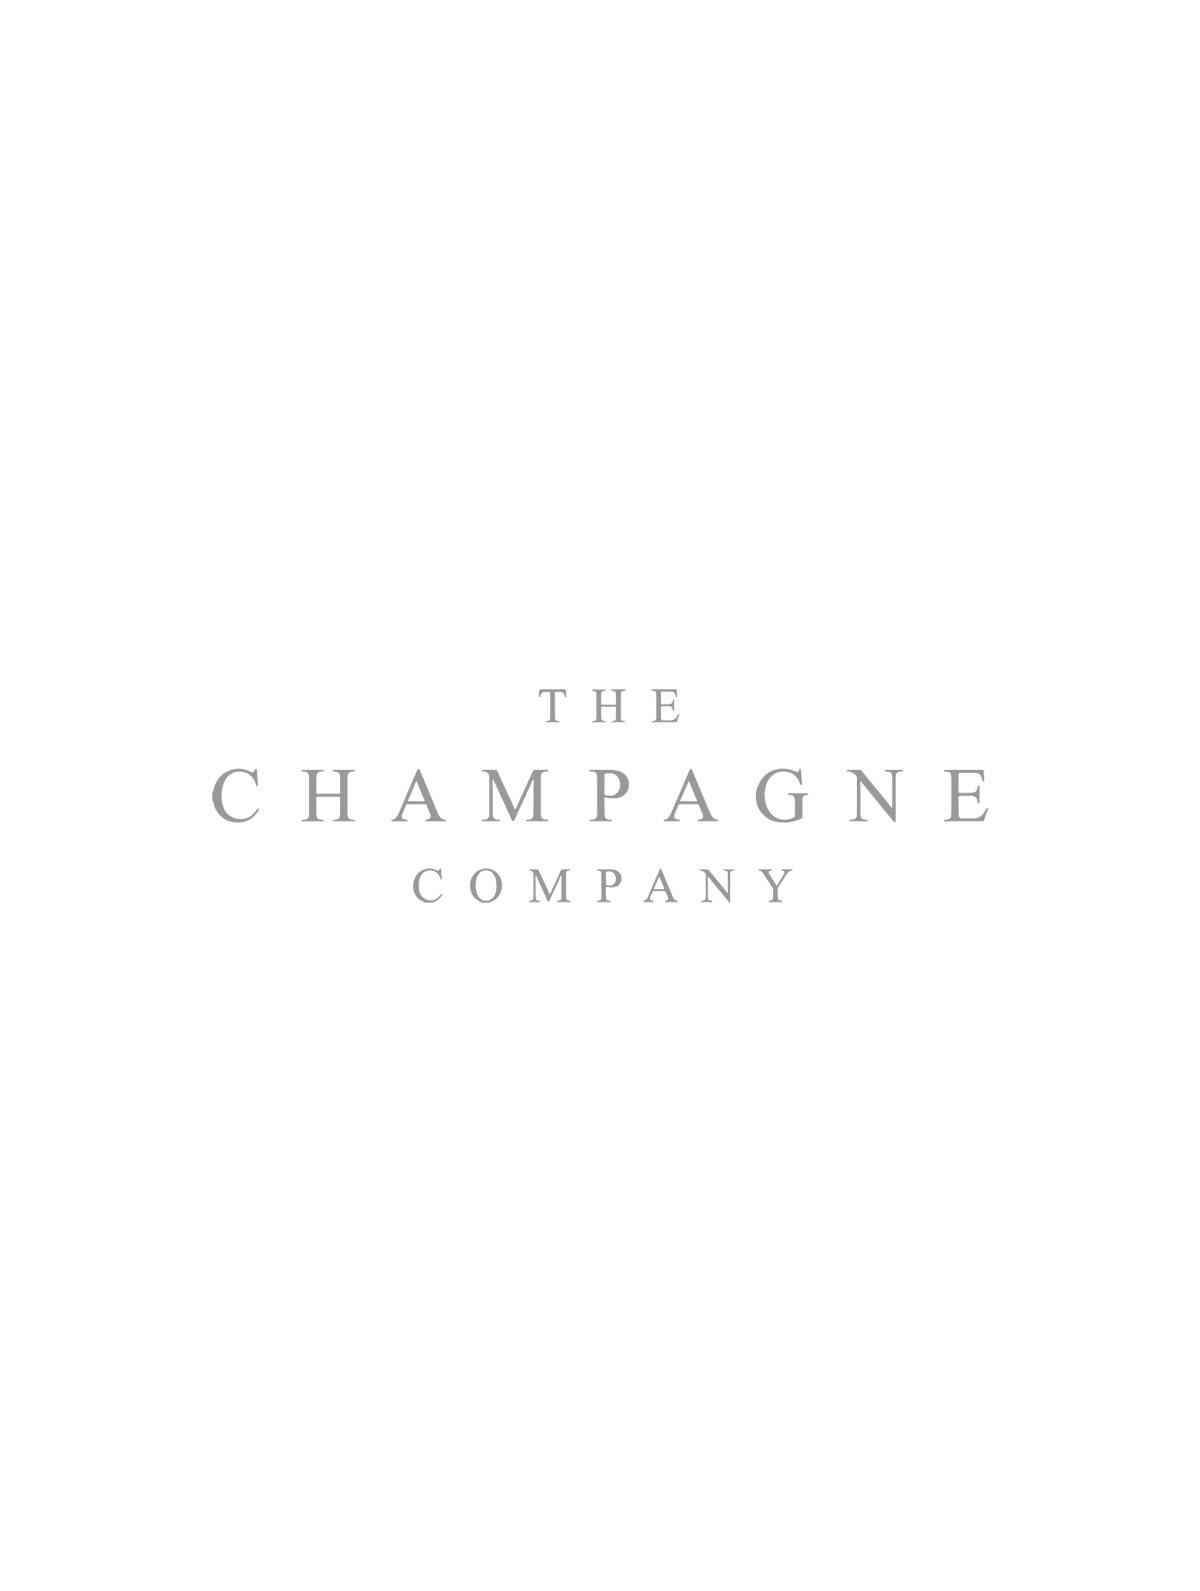 Stoli Chocolat Kokonut Flavoured Stolichnaya Premium Vodka 70cl